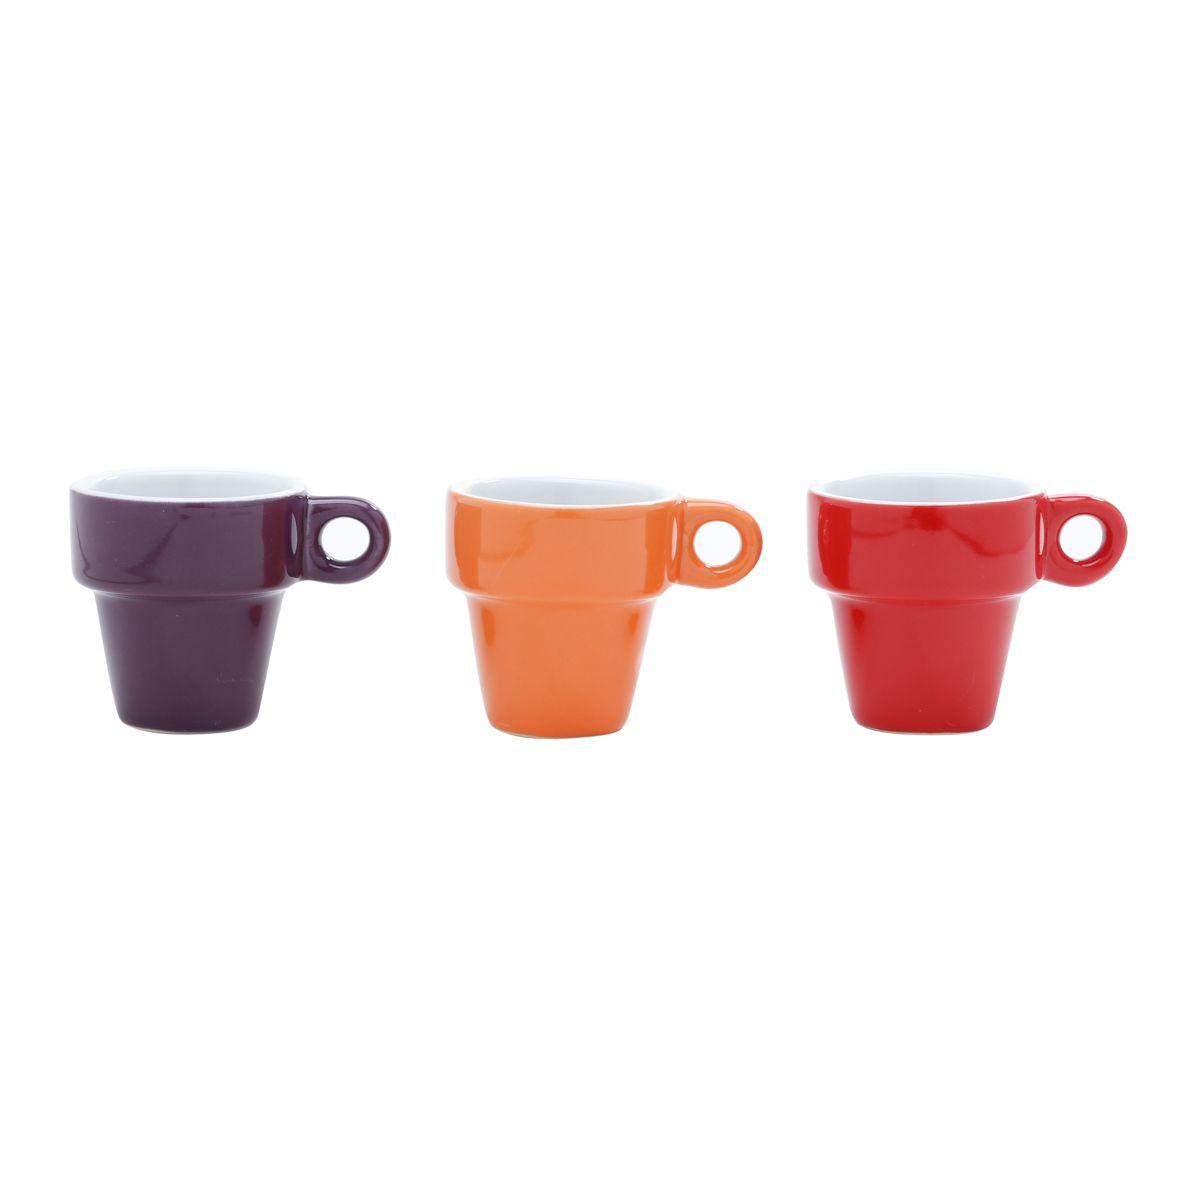 Conjunto de Xícaras de Café c/ Suporte Bon Gourmet Coloridas 60ml em Porcelana 30367 - 7 Peças